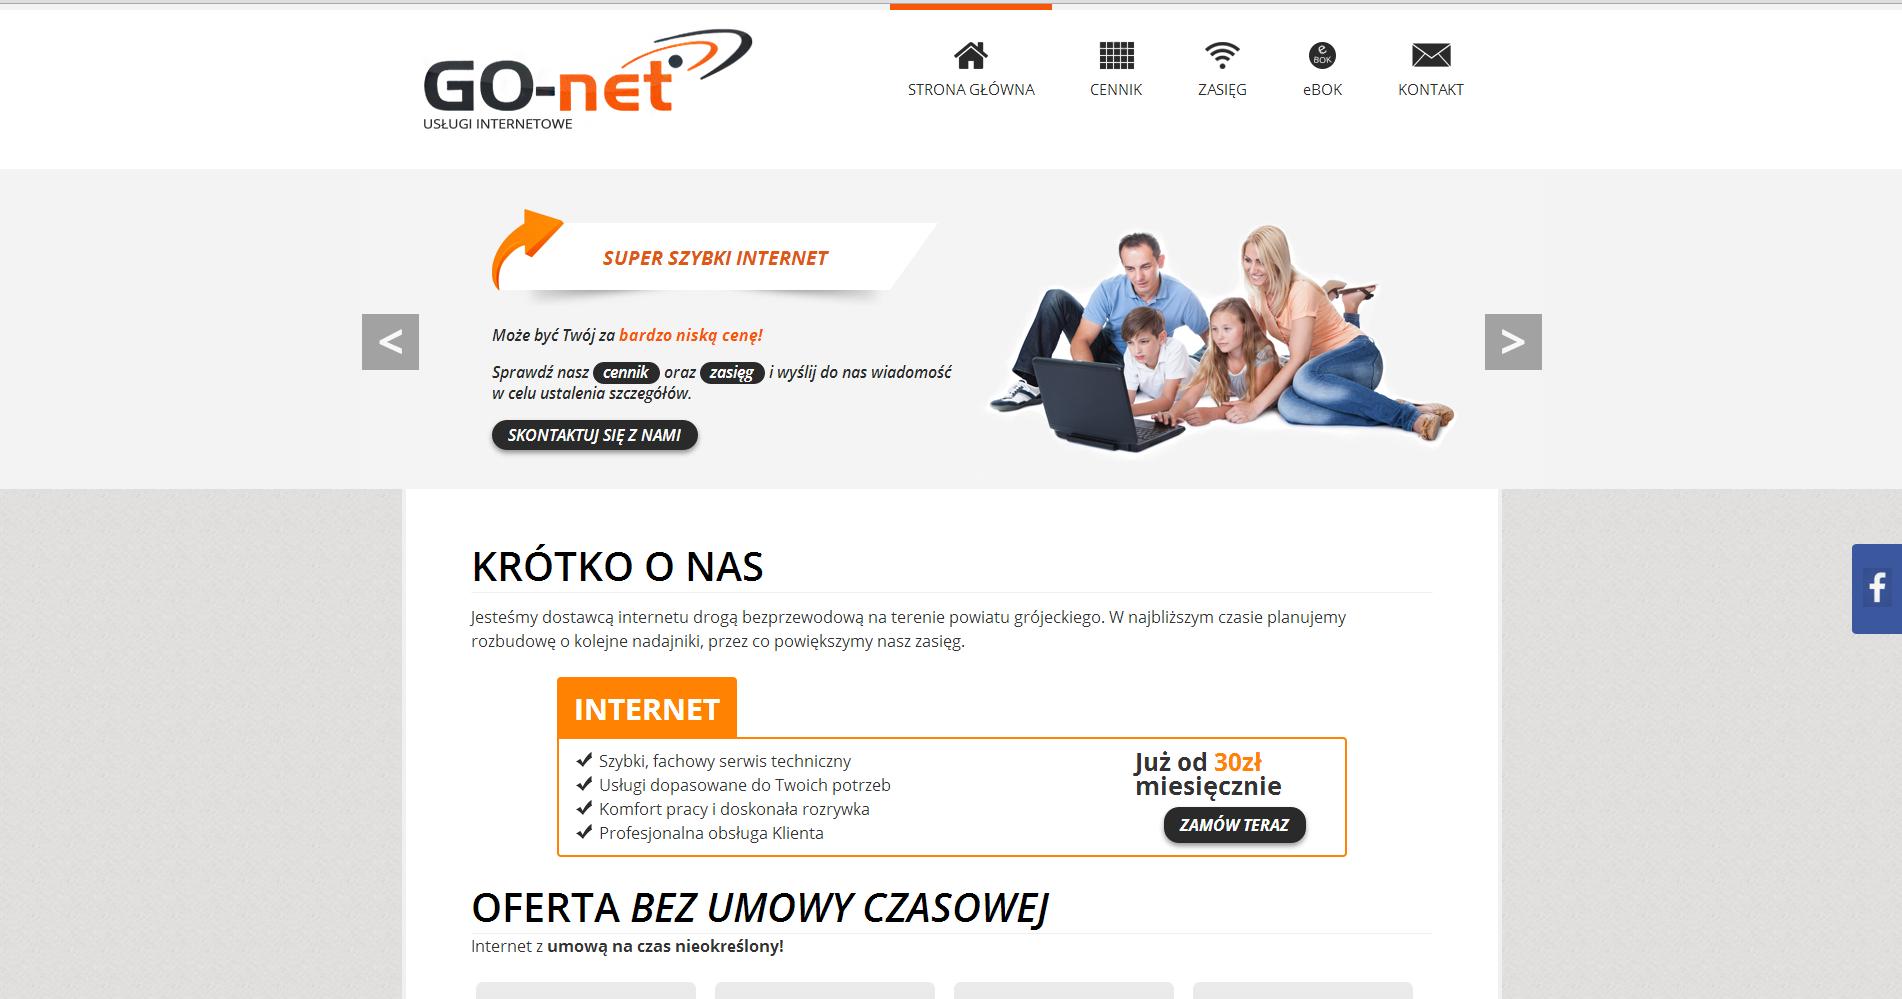 go-net.com.pl